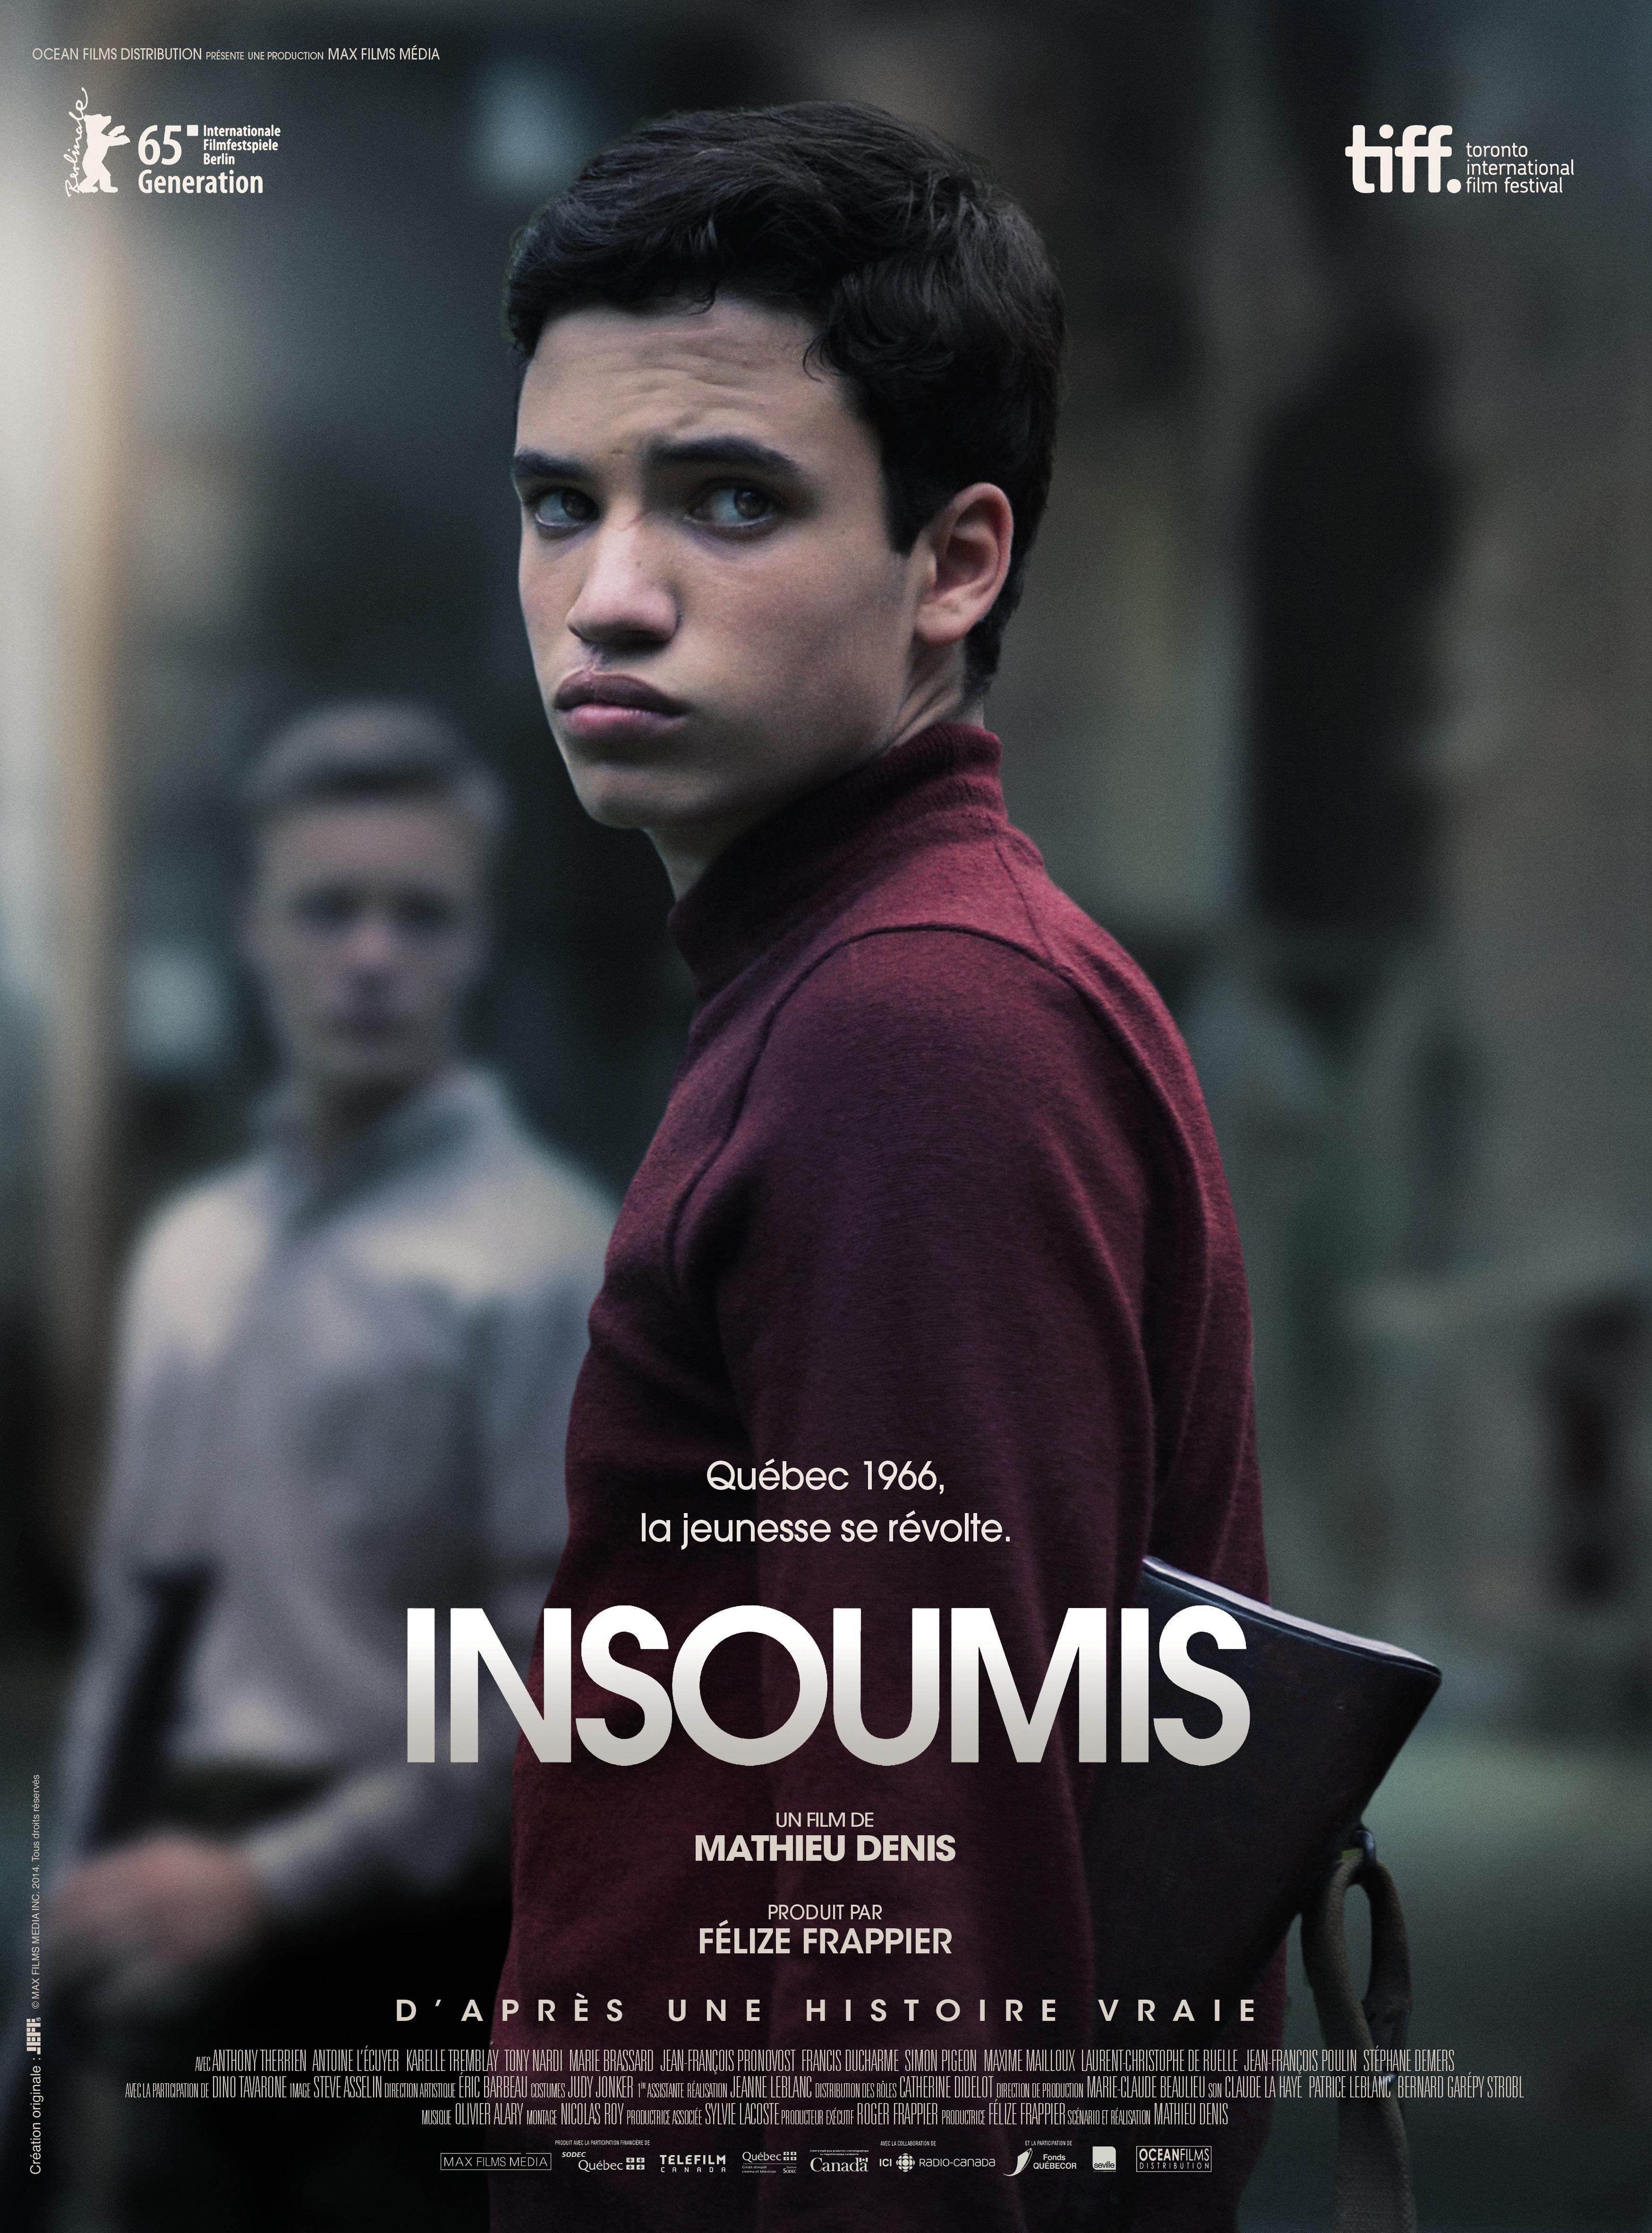 Insoumis - Film (2015)